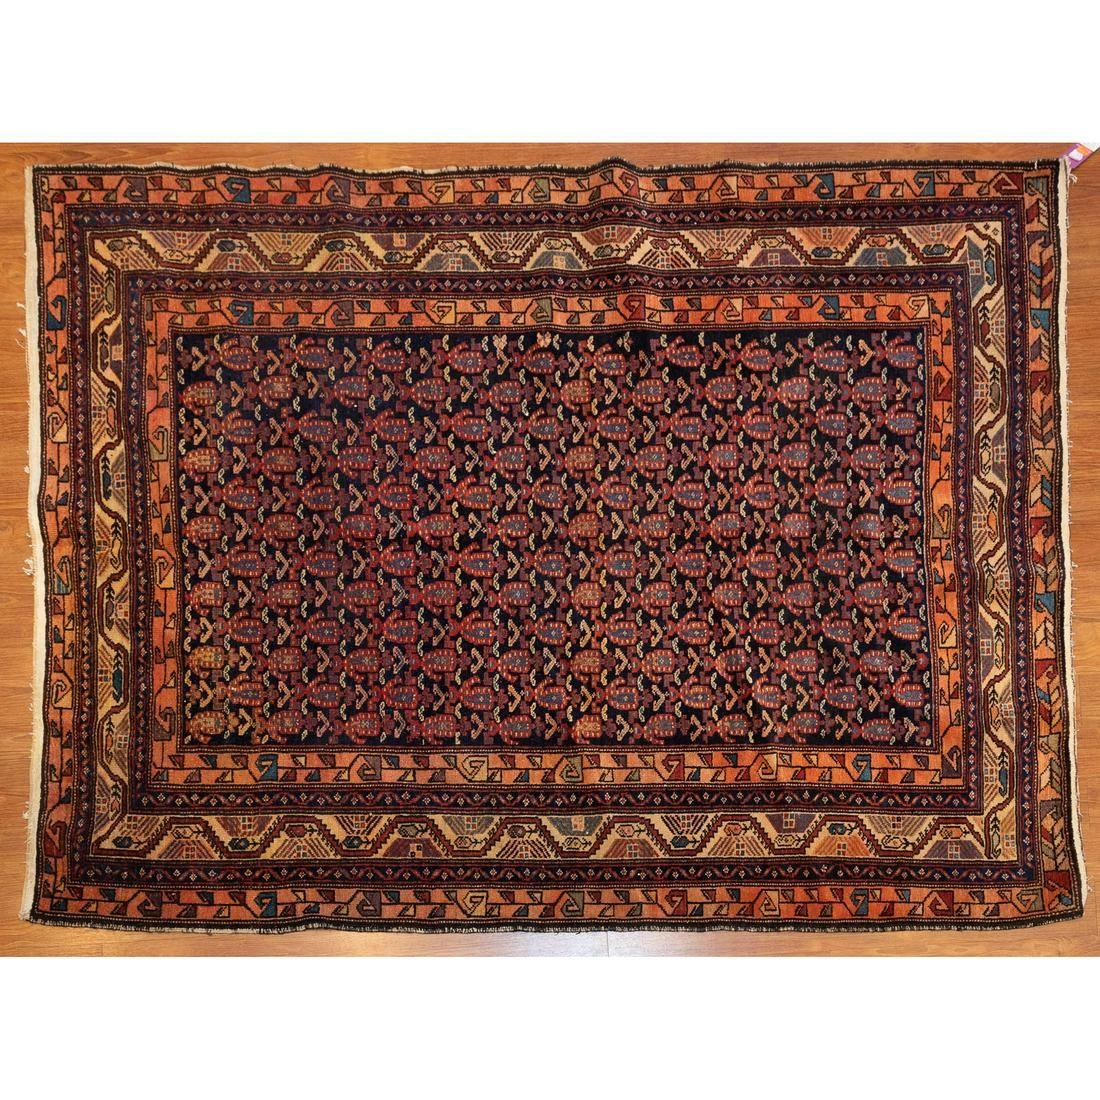 Semi-Antique Malayer Rug, Persia, 5 x 6.3